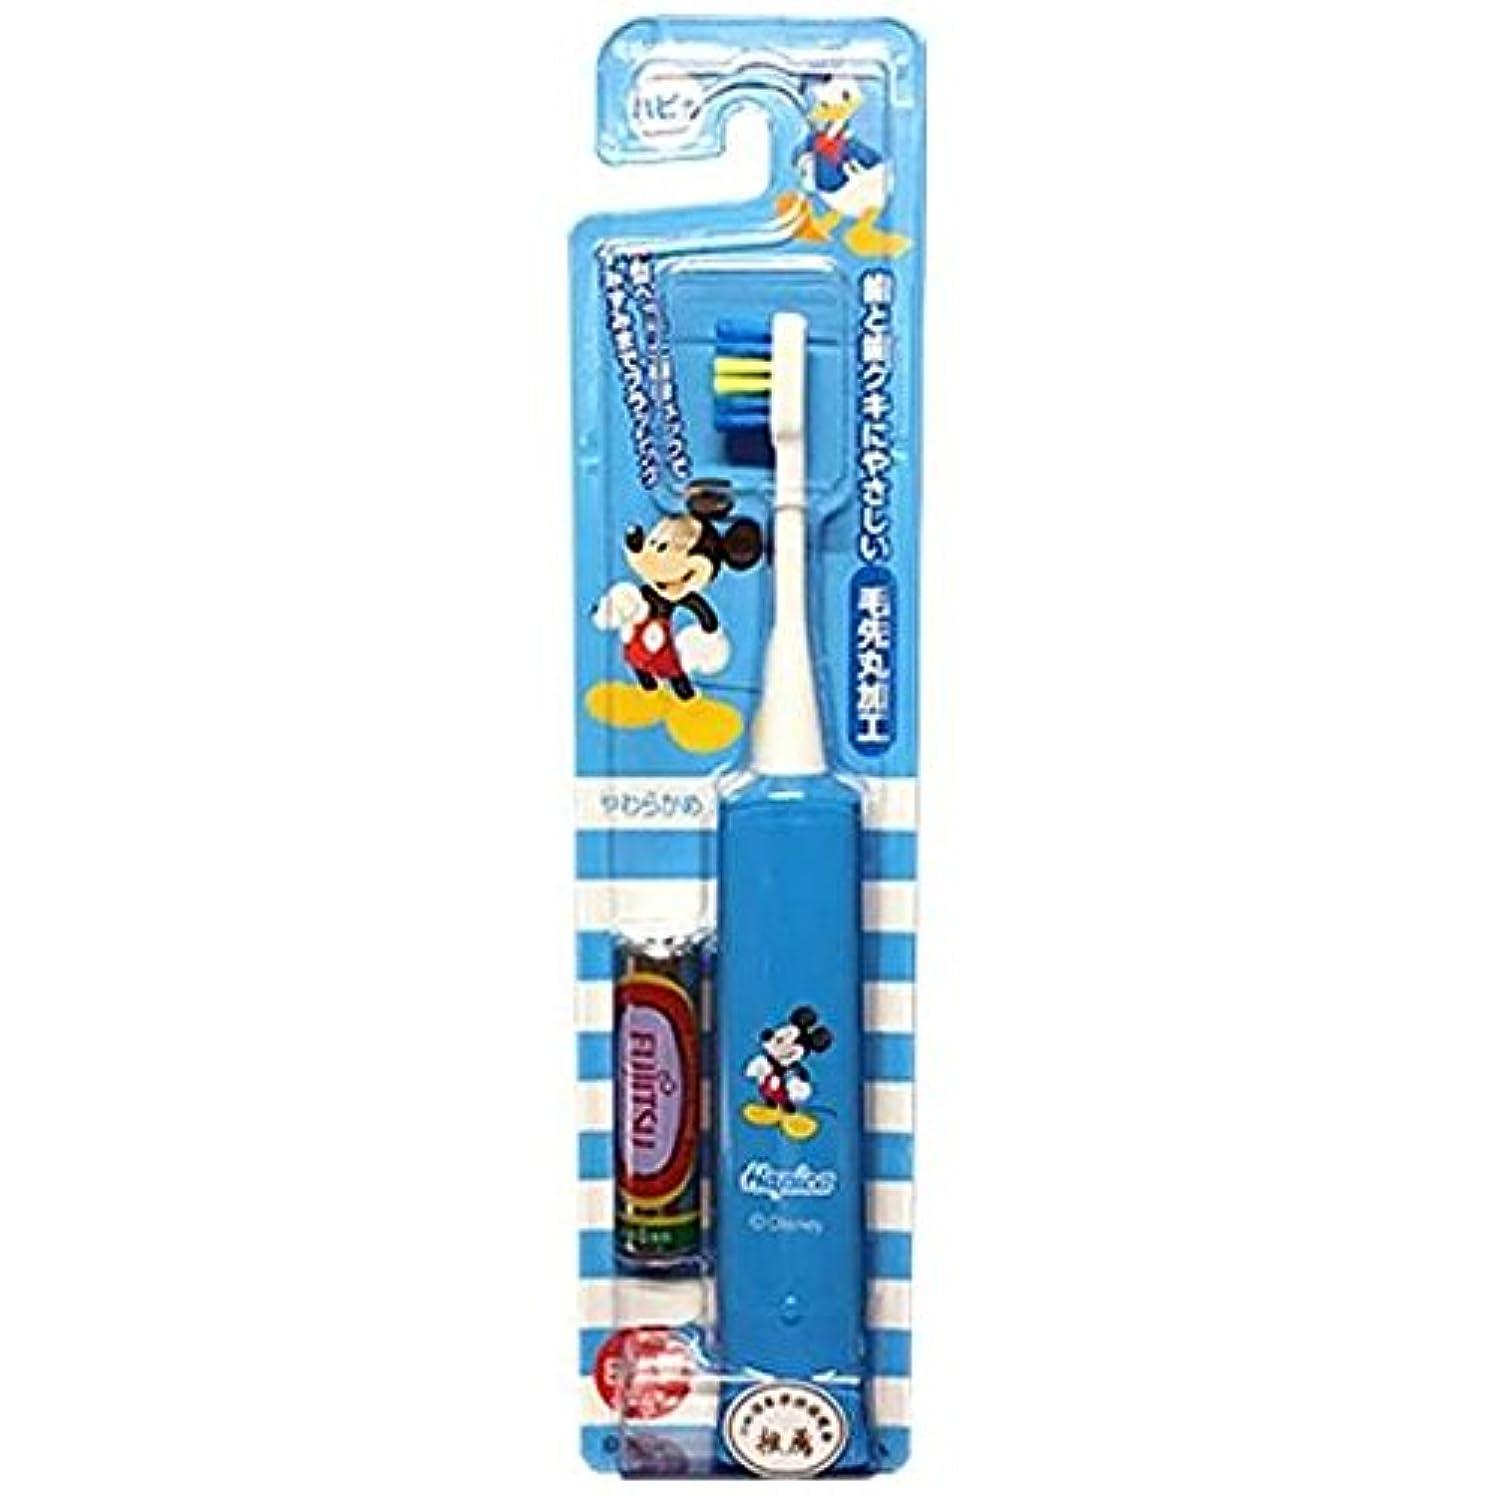 カニ達成する大聖堂ミニマム 電動付歯ブラシ こどもハピカ ミッキー(ブルー) 毛の硬さ:やわらかめ DBK-5B(MK)